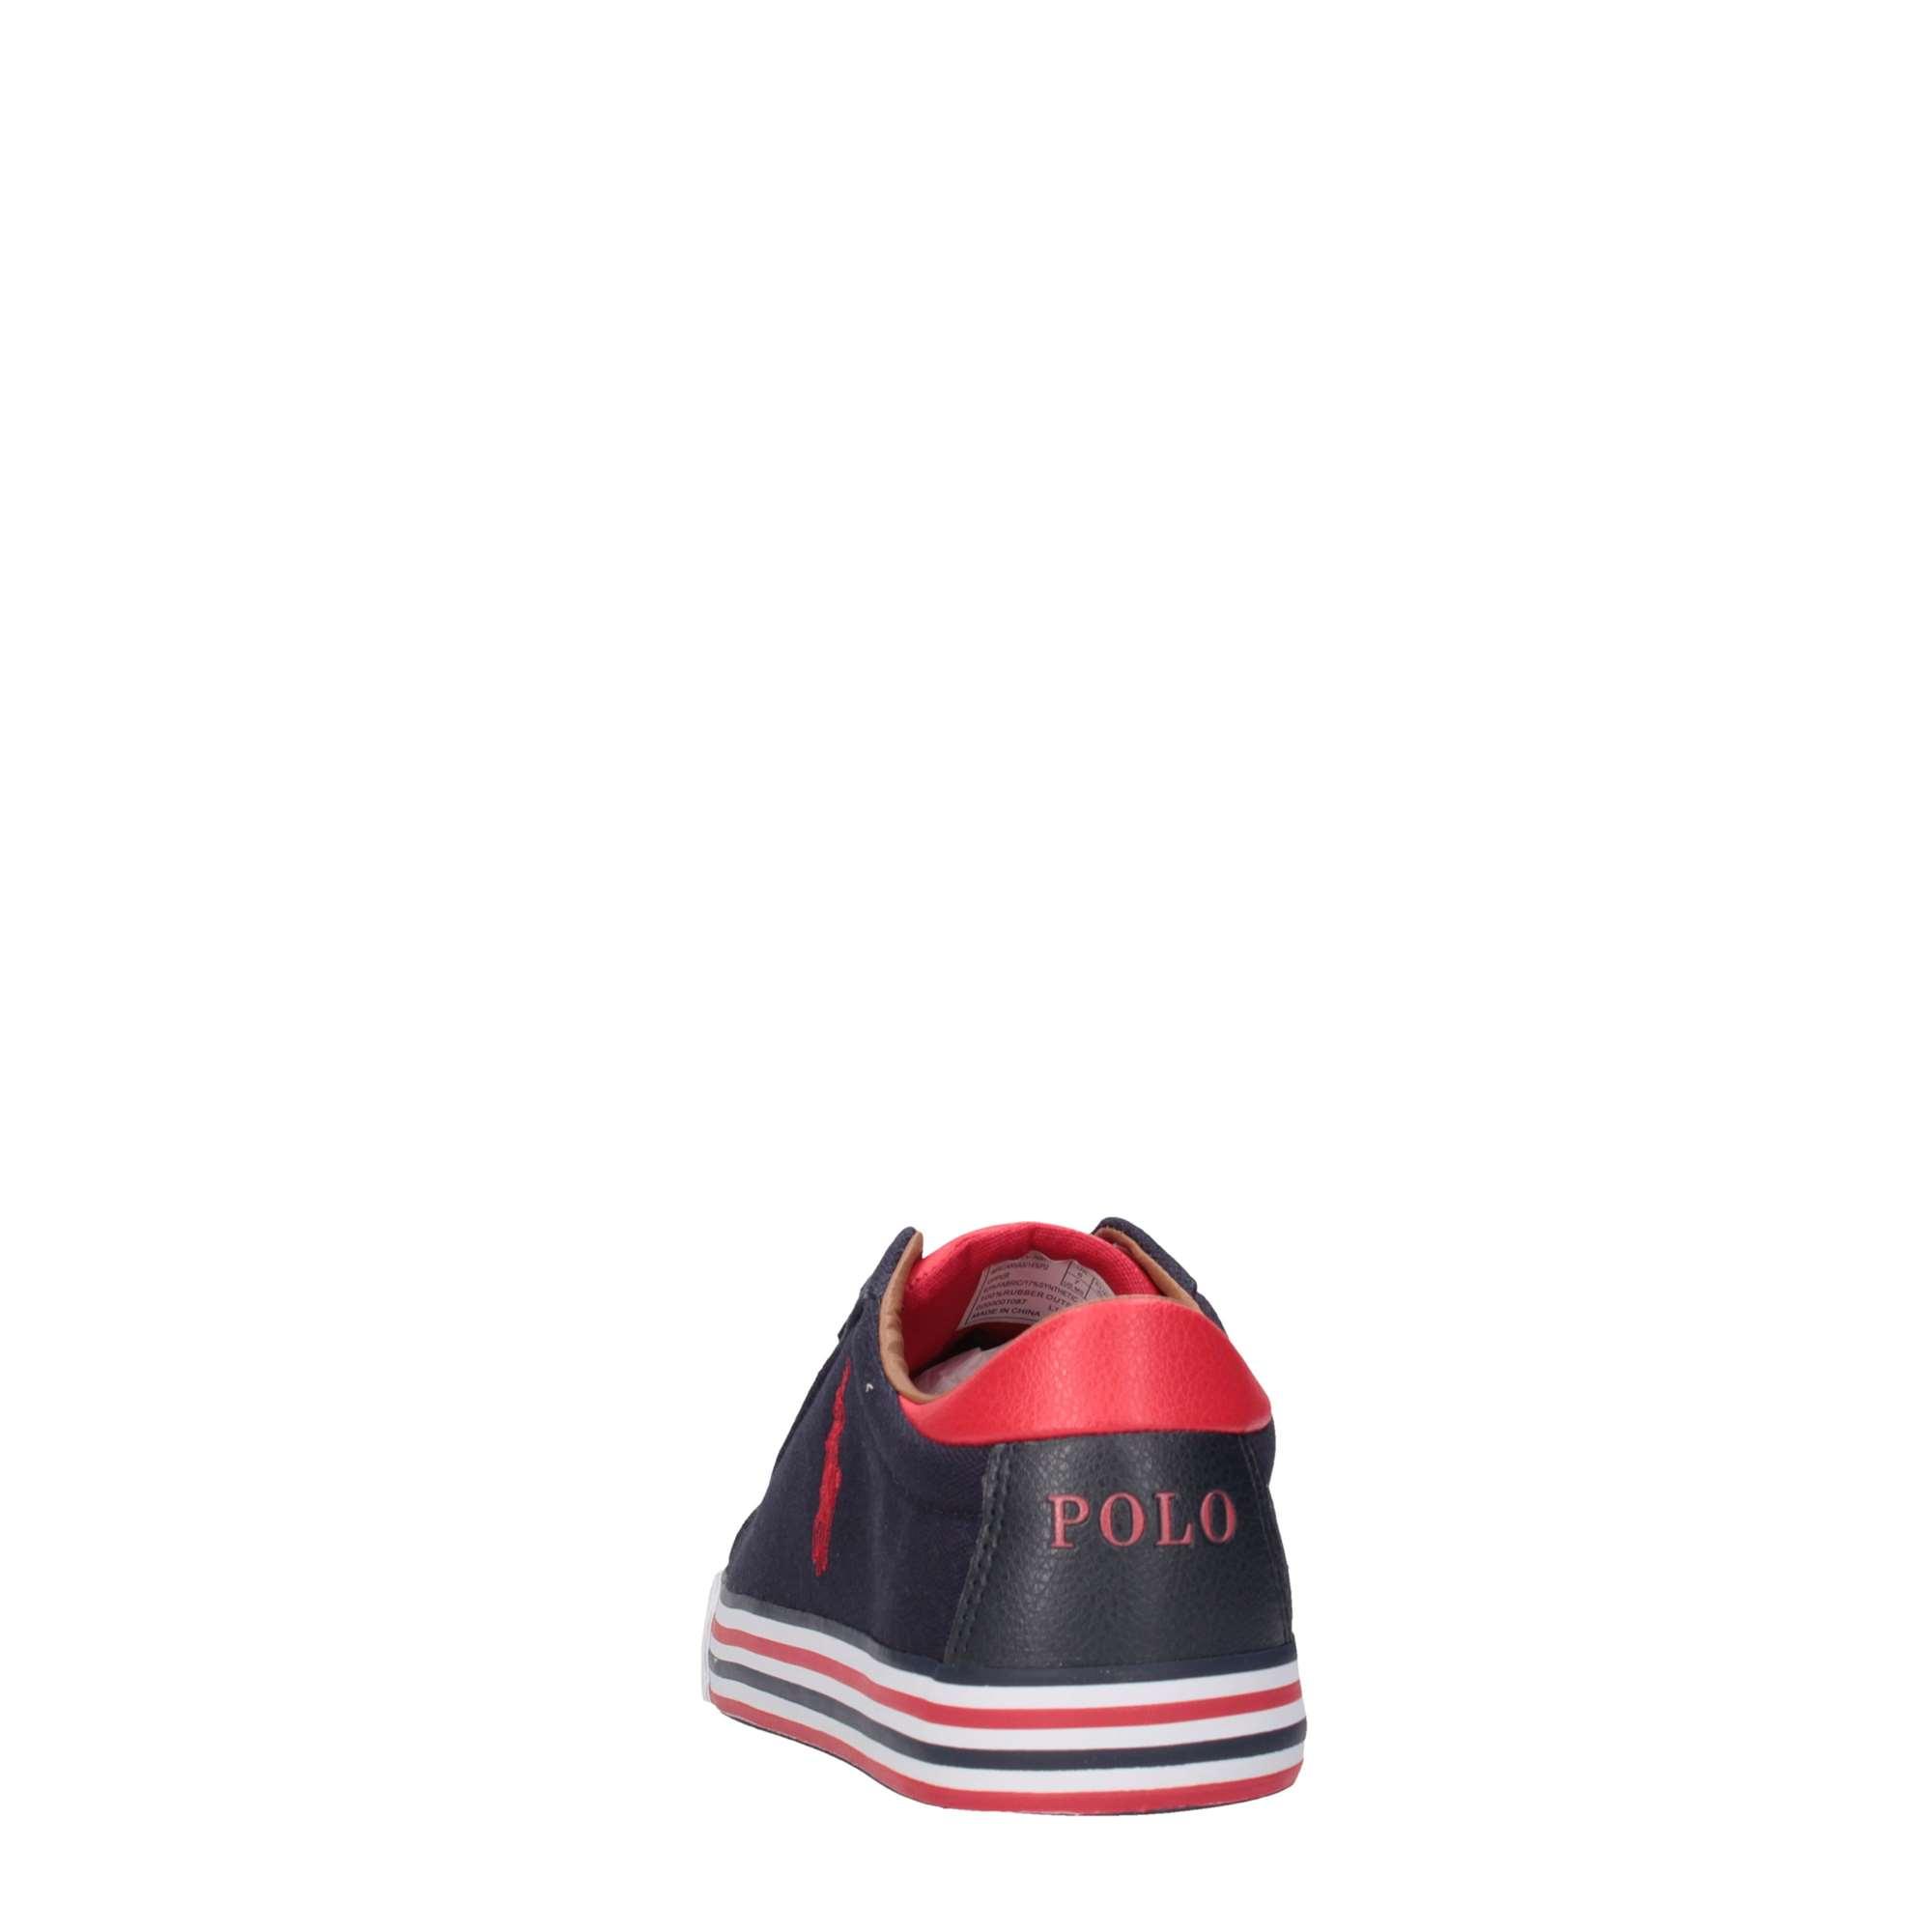 Harvey rouge été W48nr Homme N Lauren C0225 Bleu Polo Printemps Baskets Ralph Pwq0IFxnf